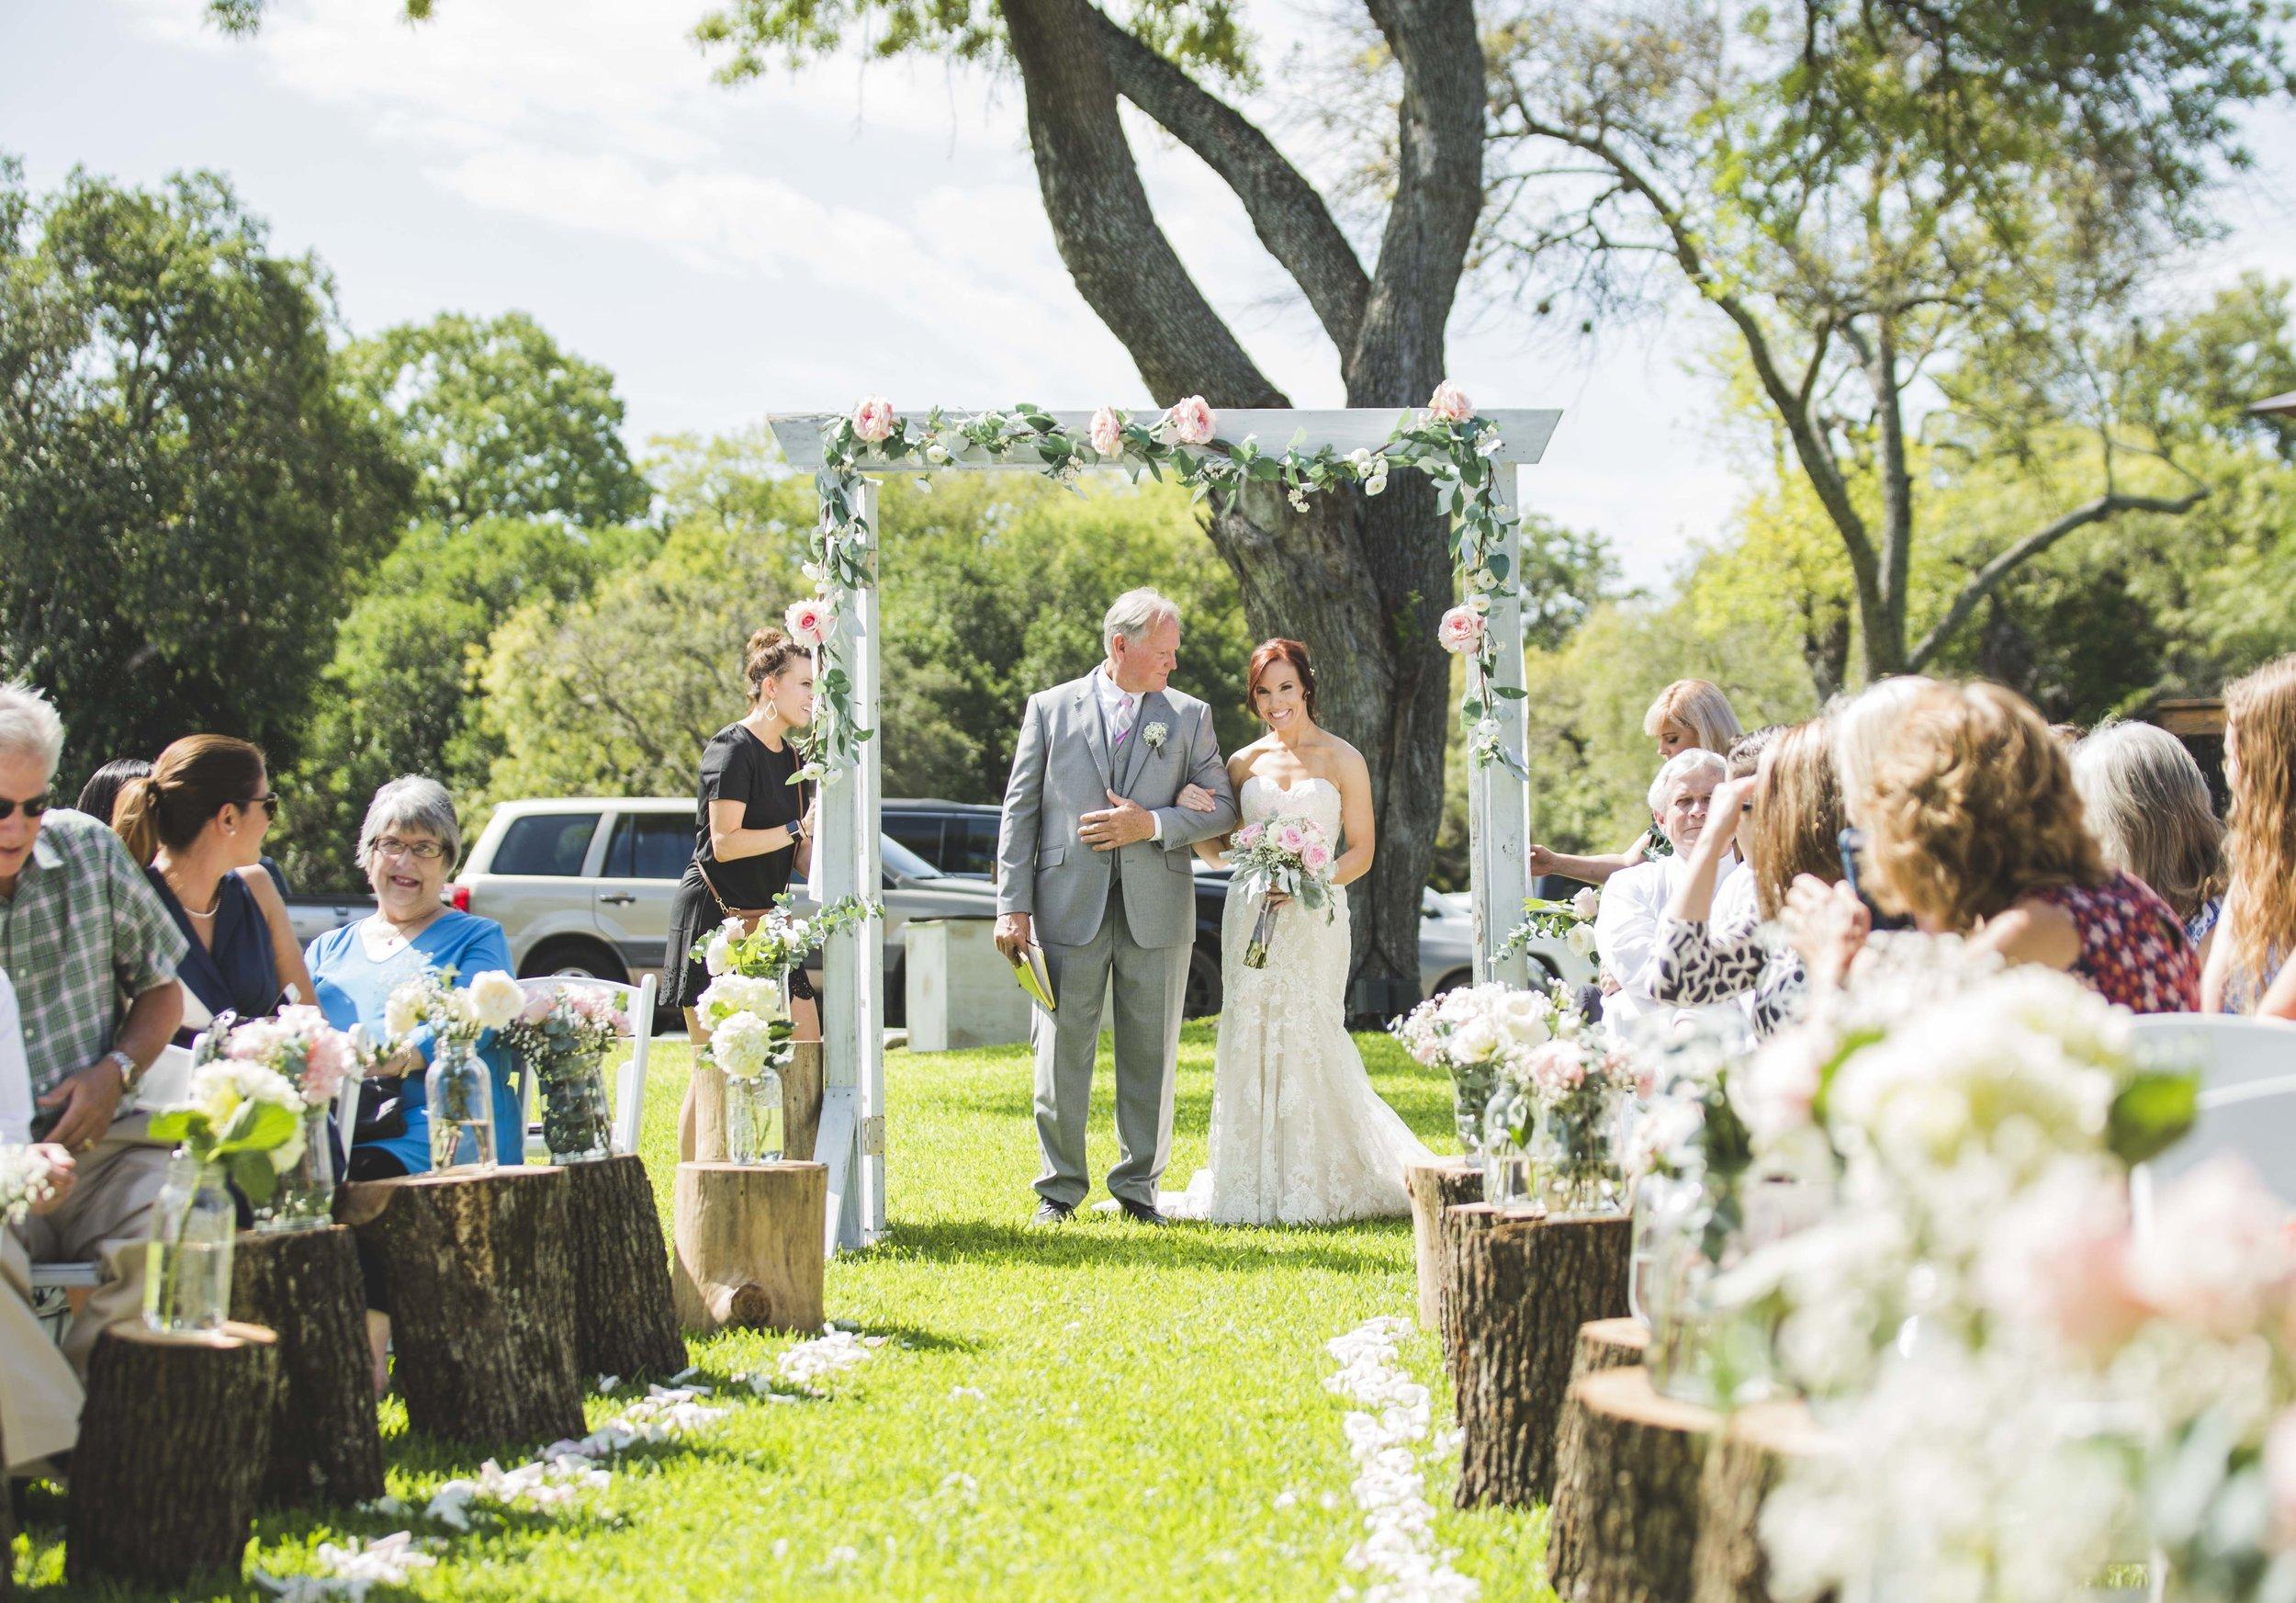 ATGI_Susanna & Matt Wedding_717A7551.jpg